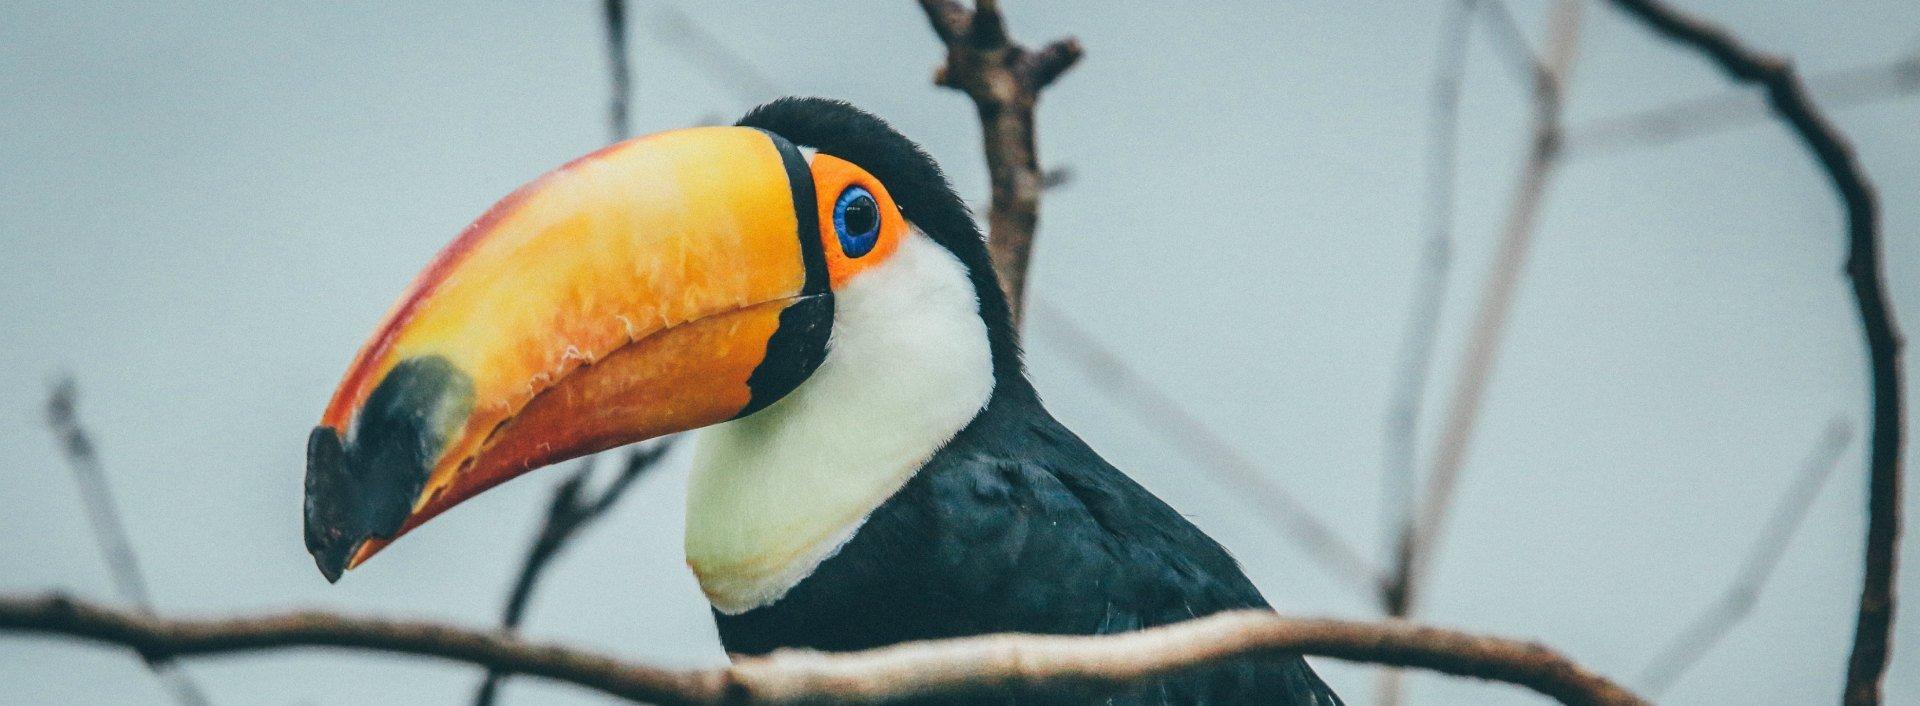 """Gute Wortspiele sind schwer zu finden: Dies ist ein Tukan, nicht """"two can""""."""